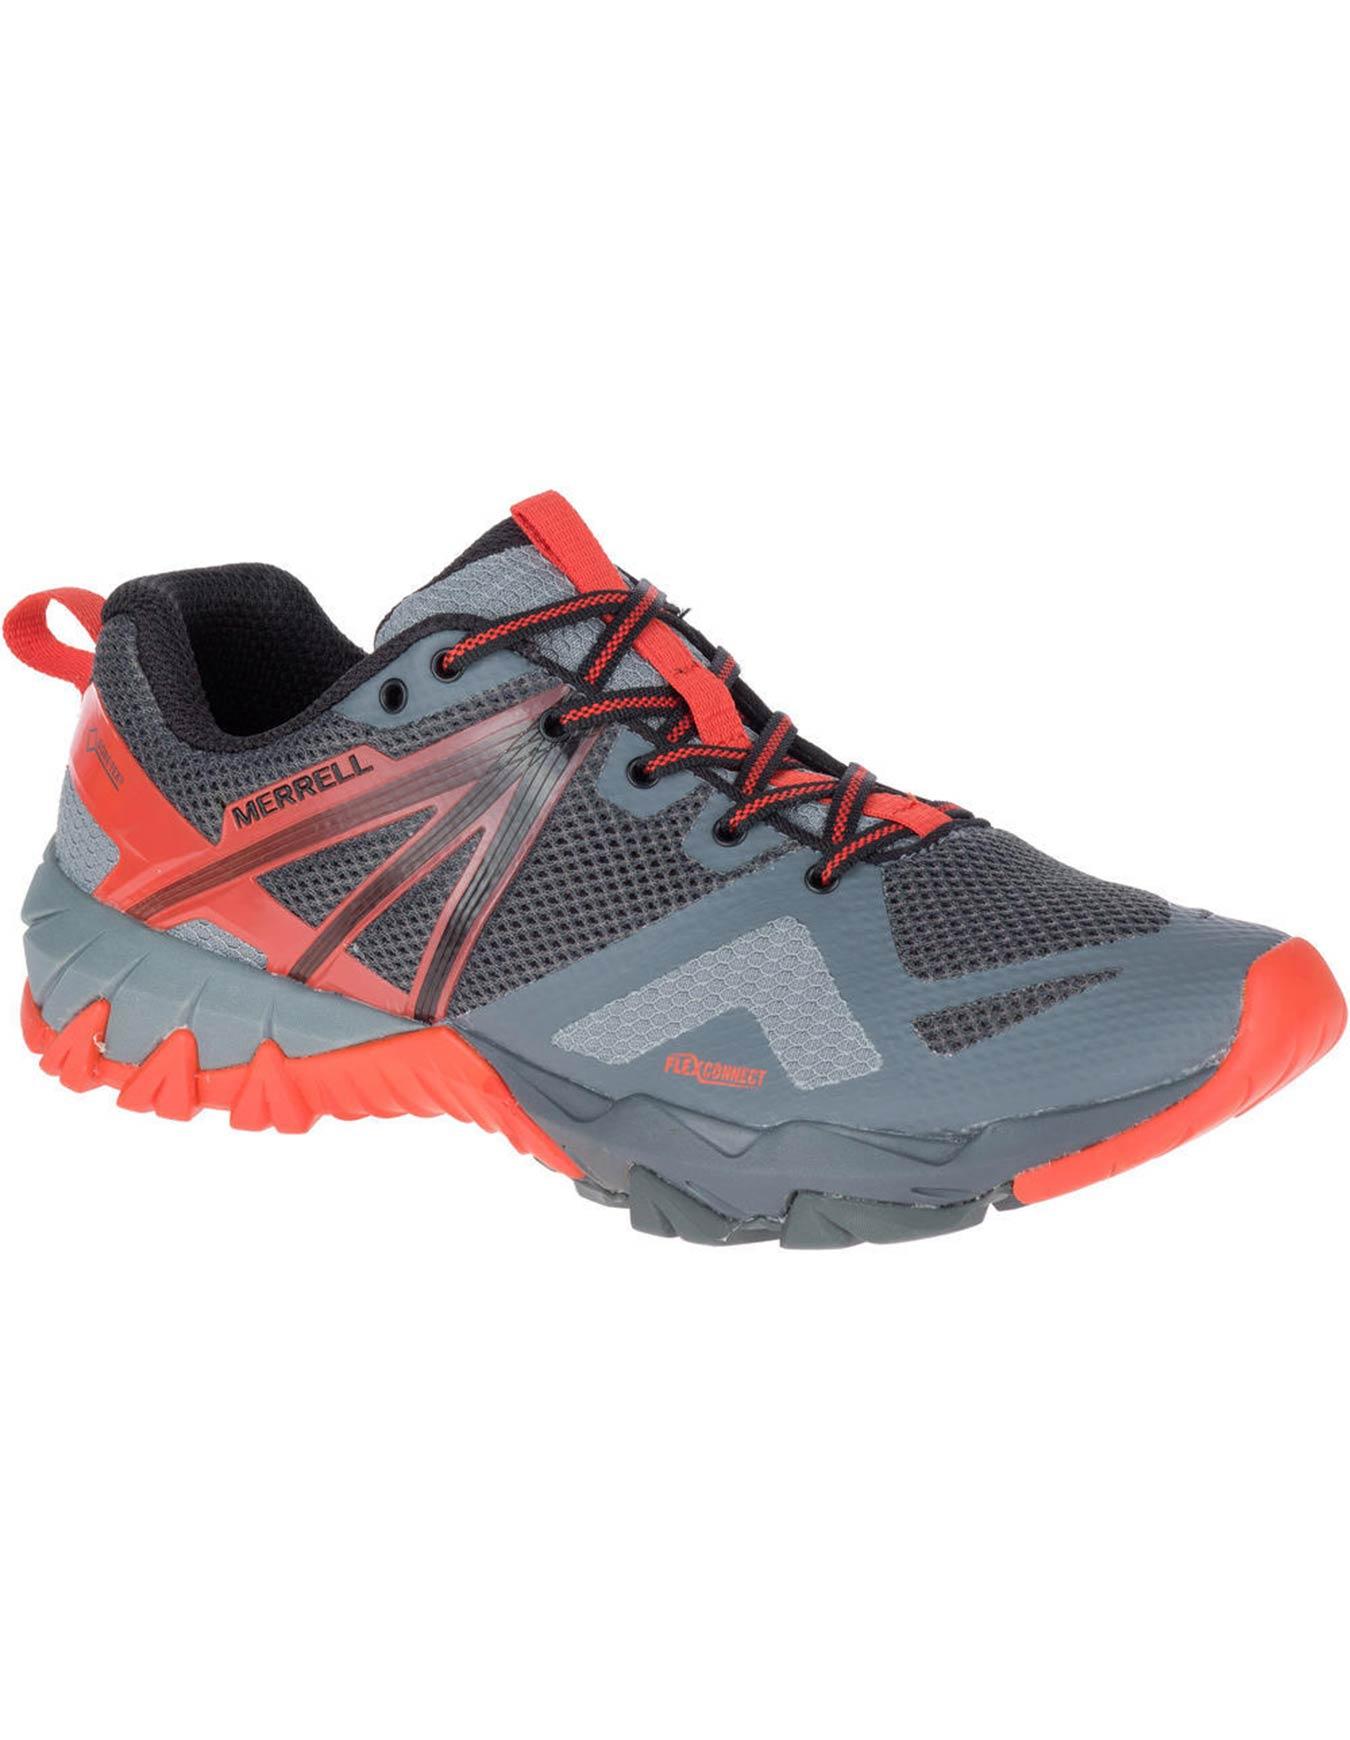 Chaussures Merrell MQM Flex GTX / Castle Rock pour Hommes - Tailles au choix